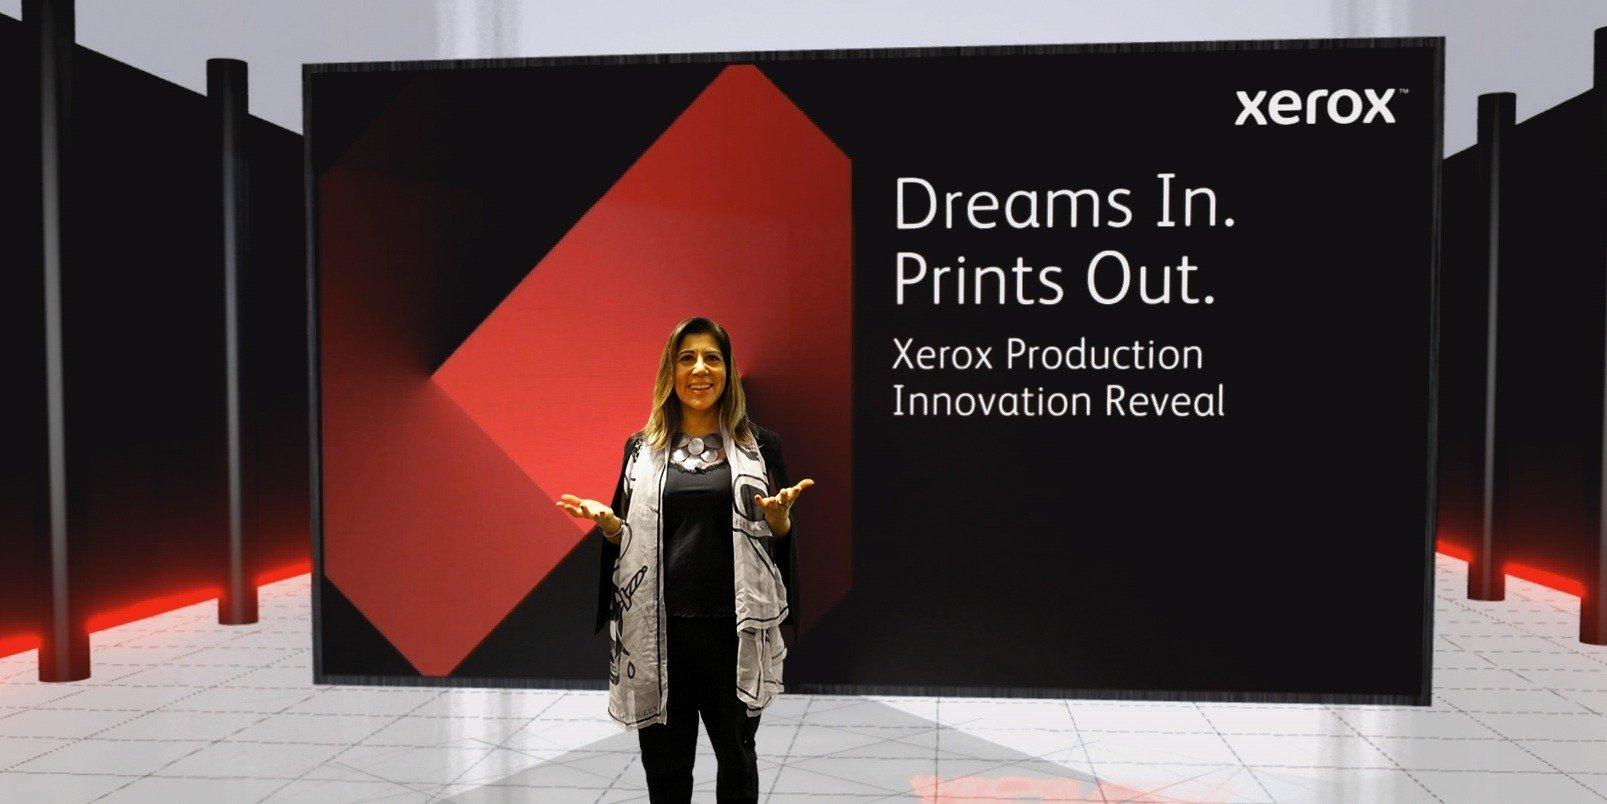 Nowości od Xerox - czym zaskoczył nas producent drukarek?